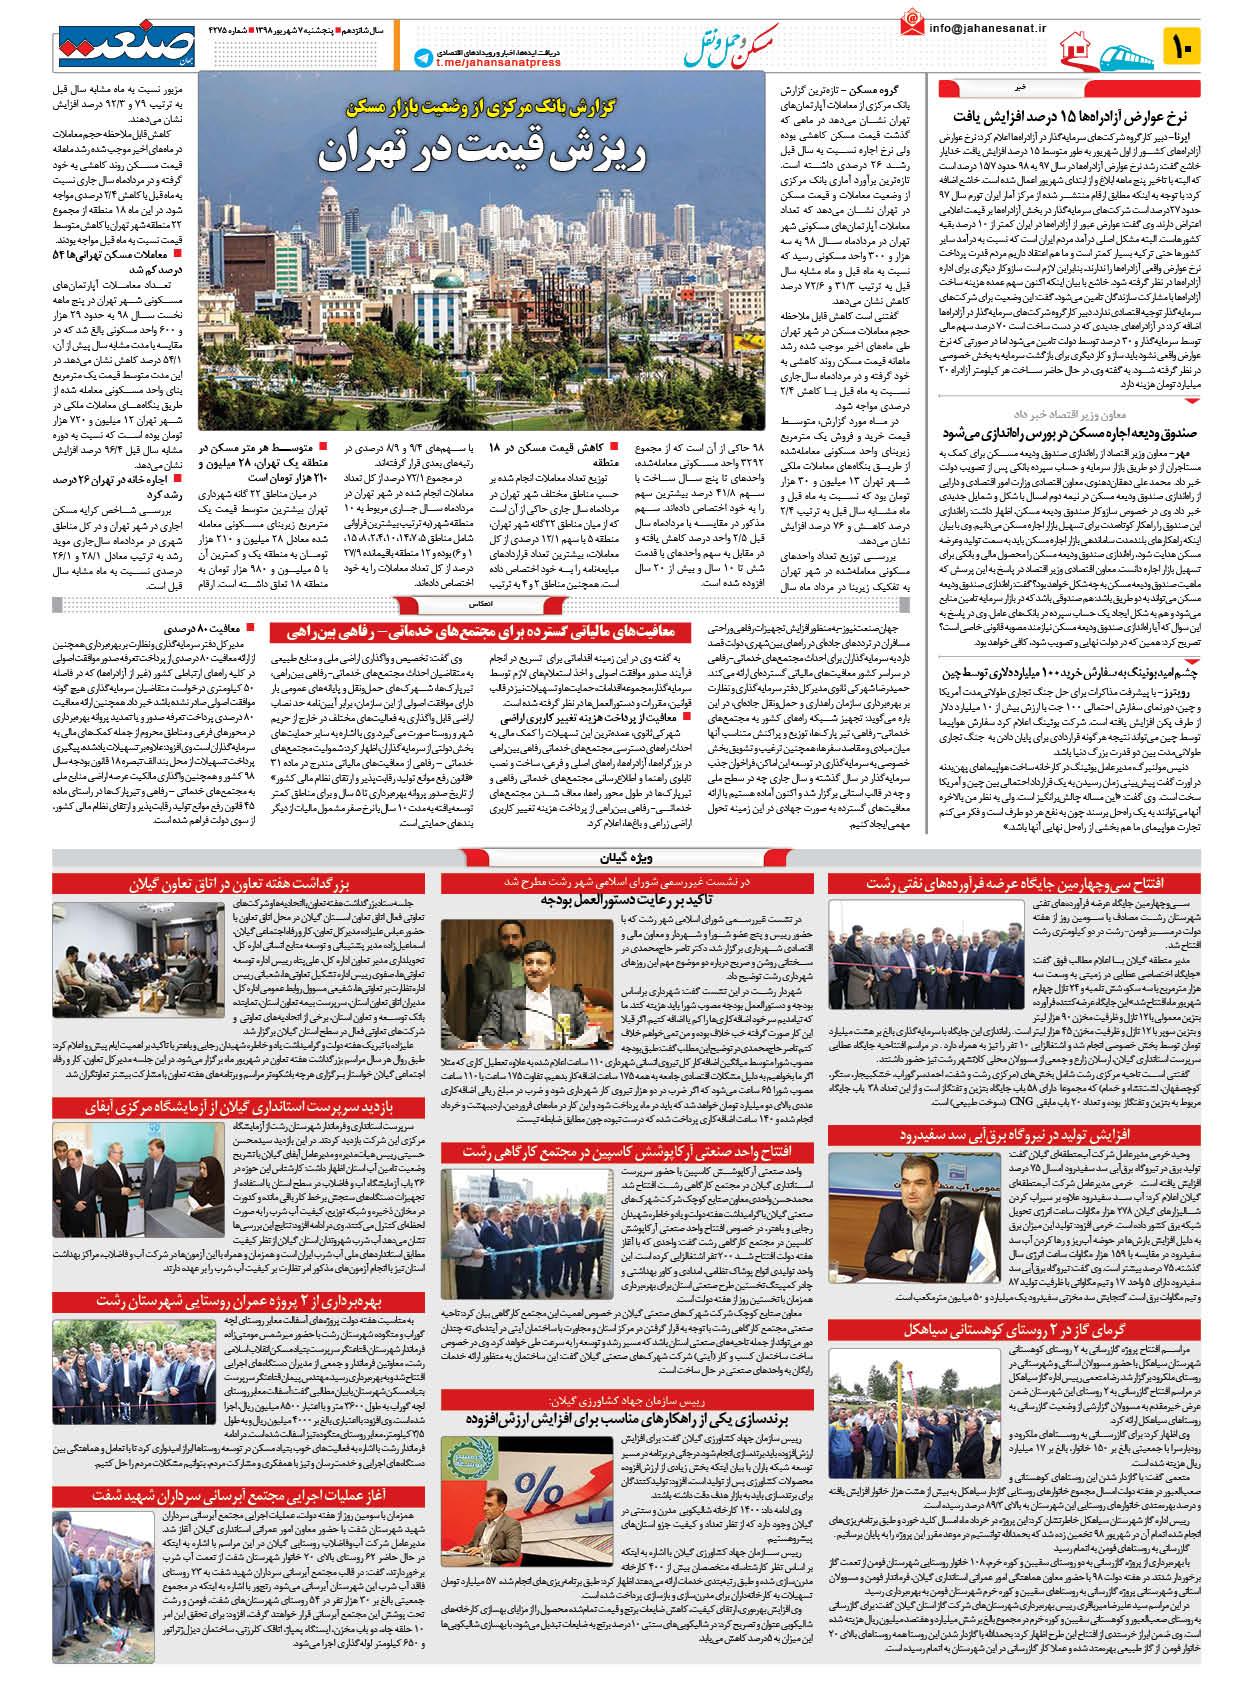 صفحه ۱۰ – ۰۷ شهریور ۱۳۹۸